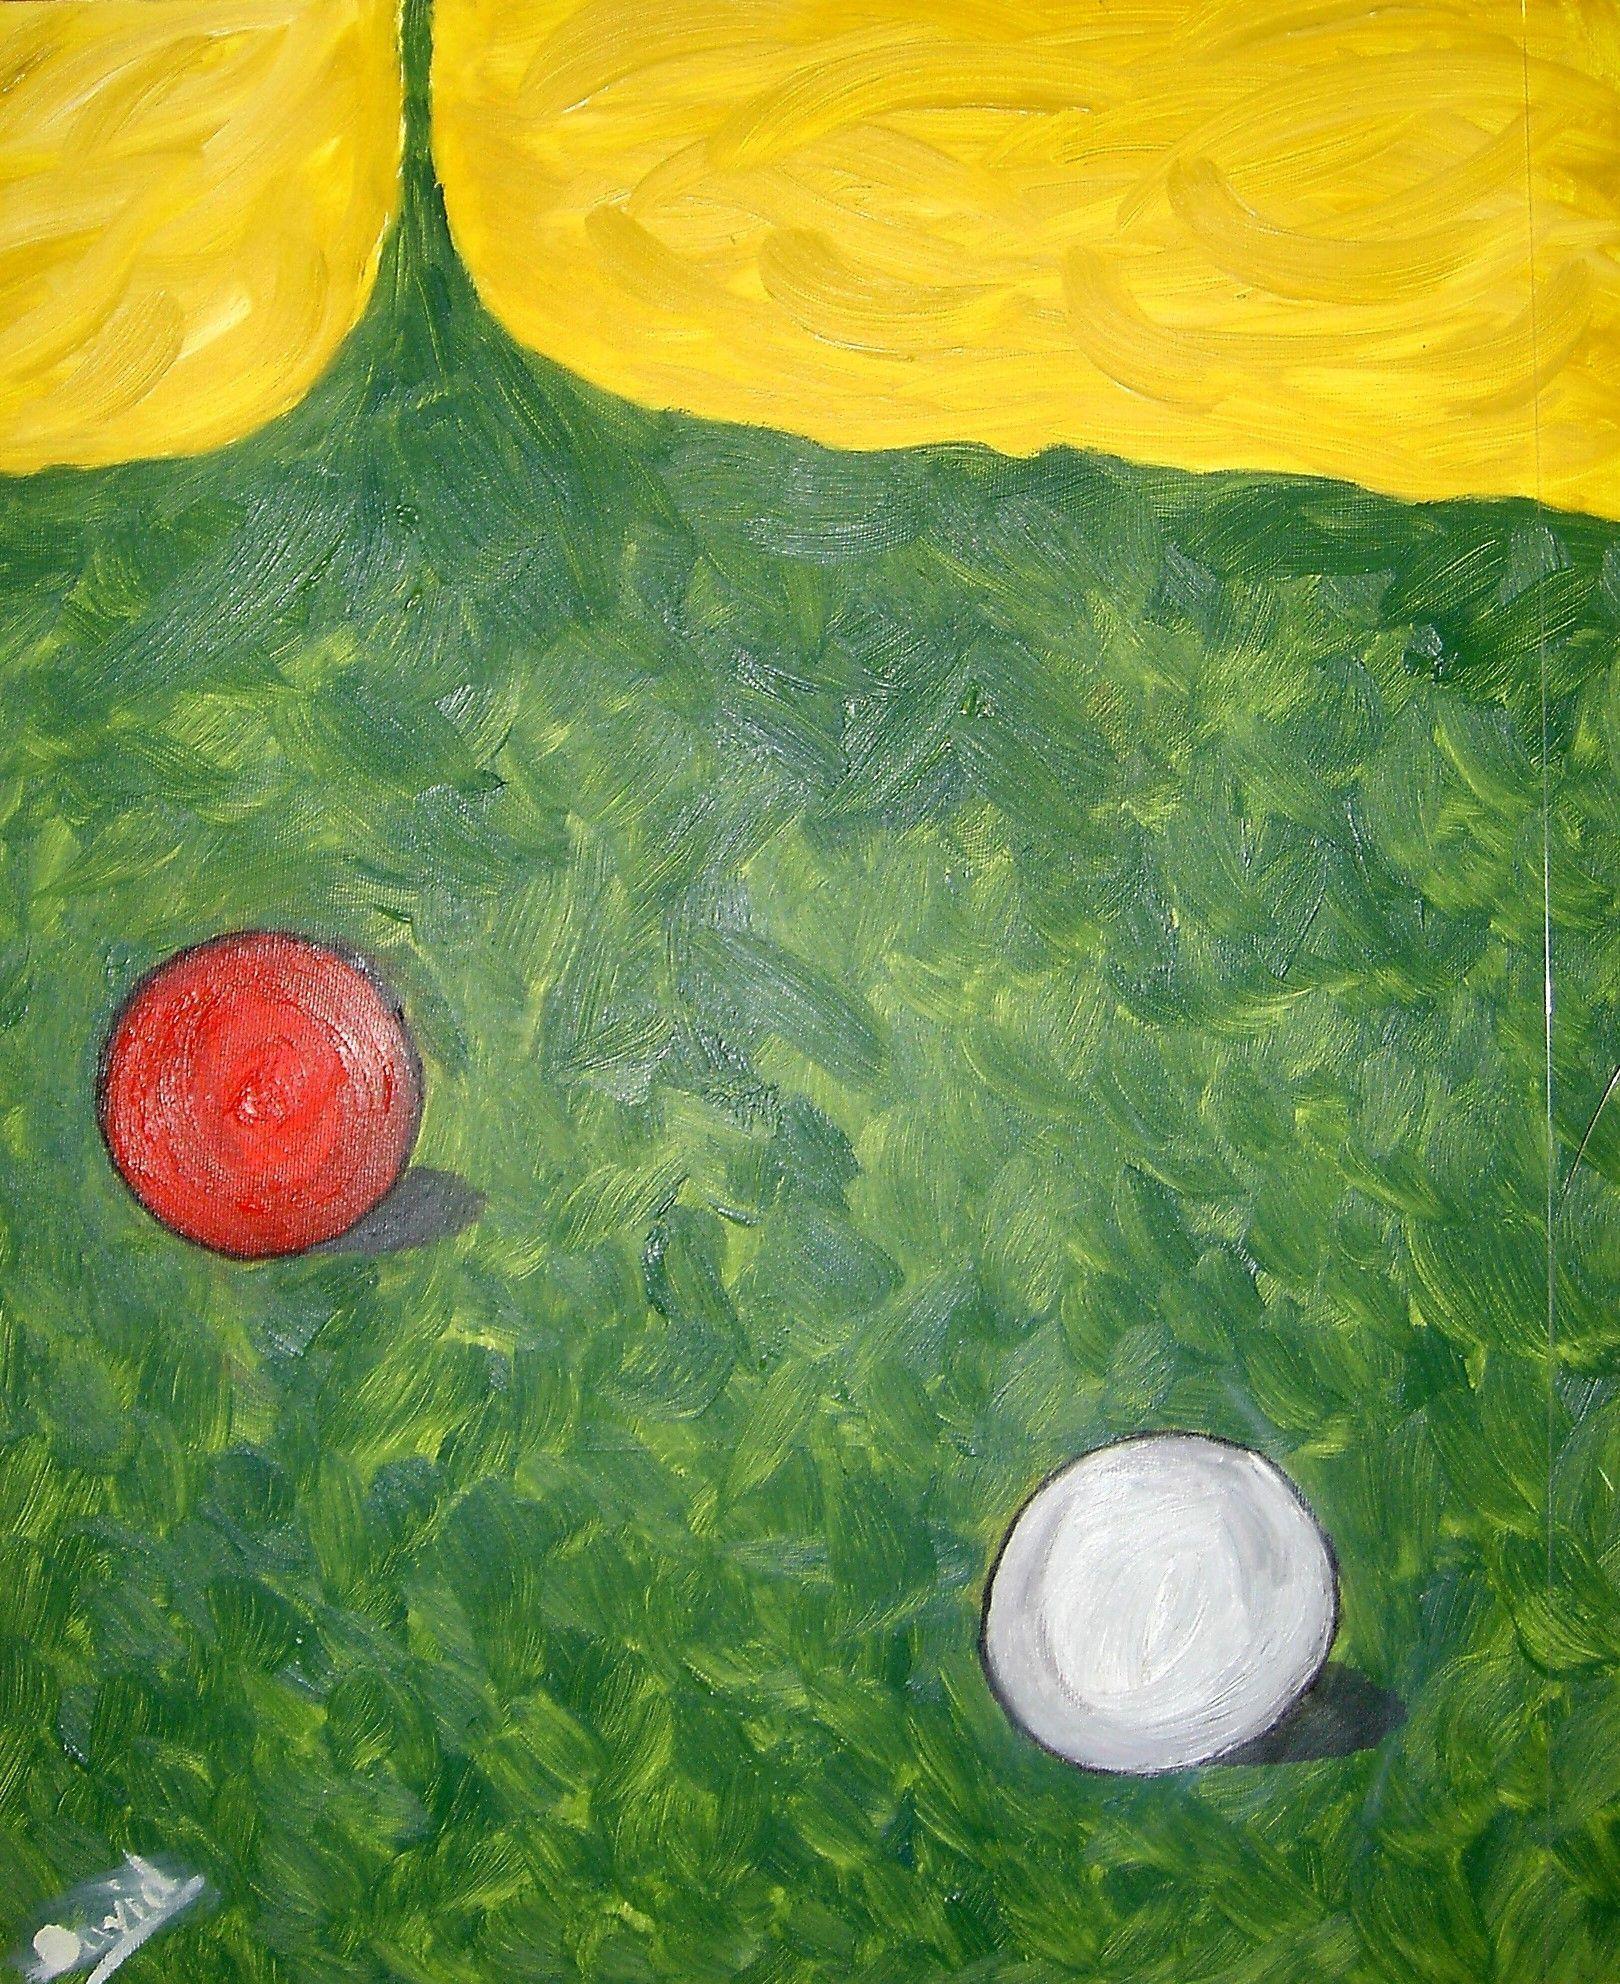 Billar pintura al óleo